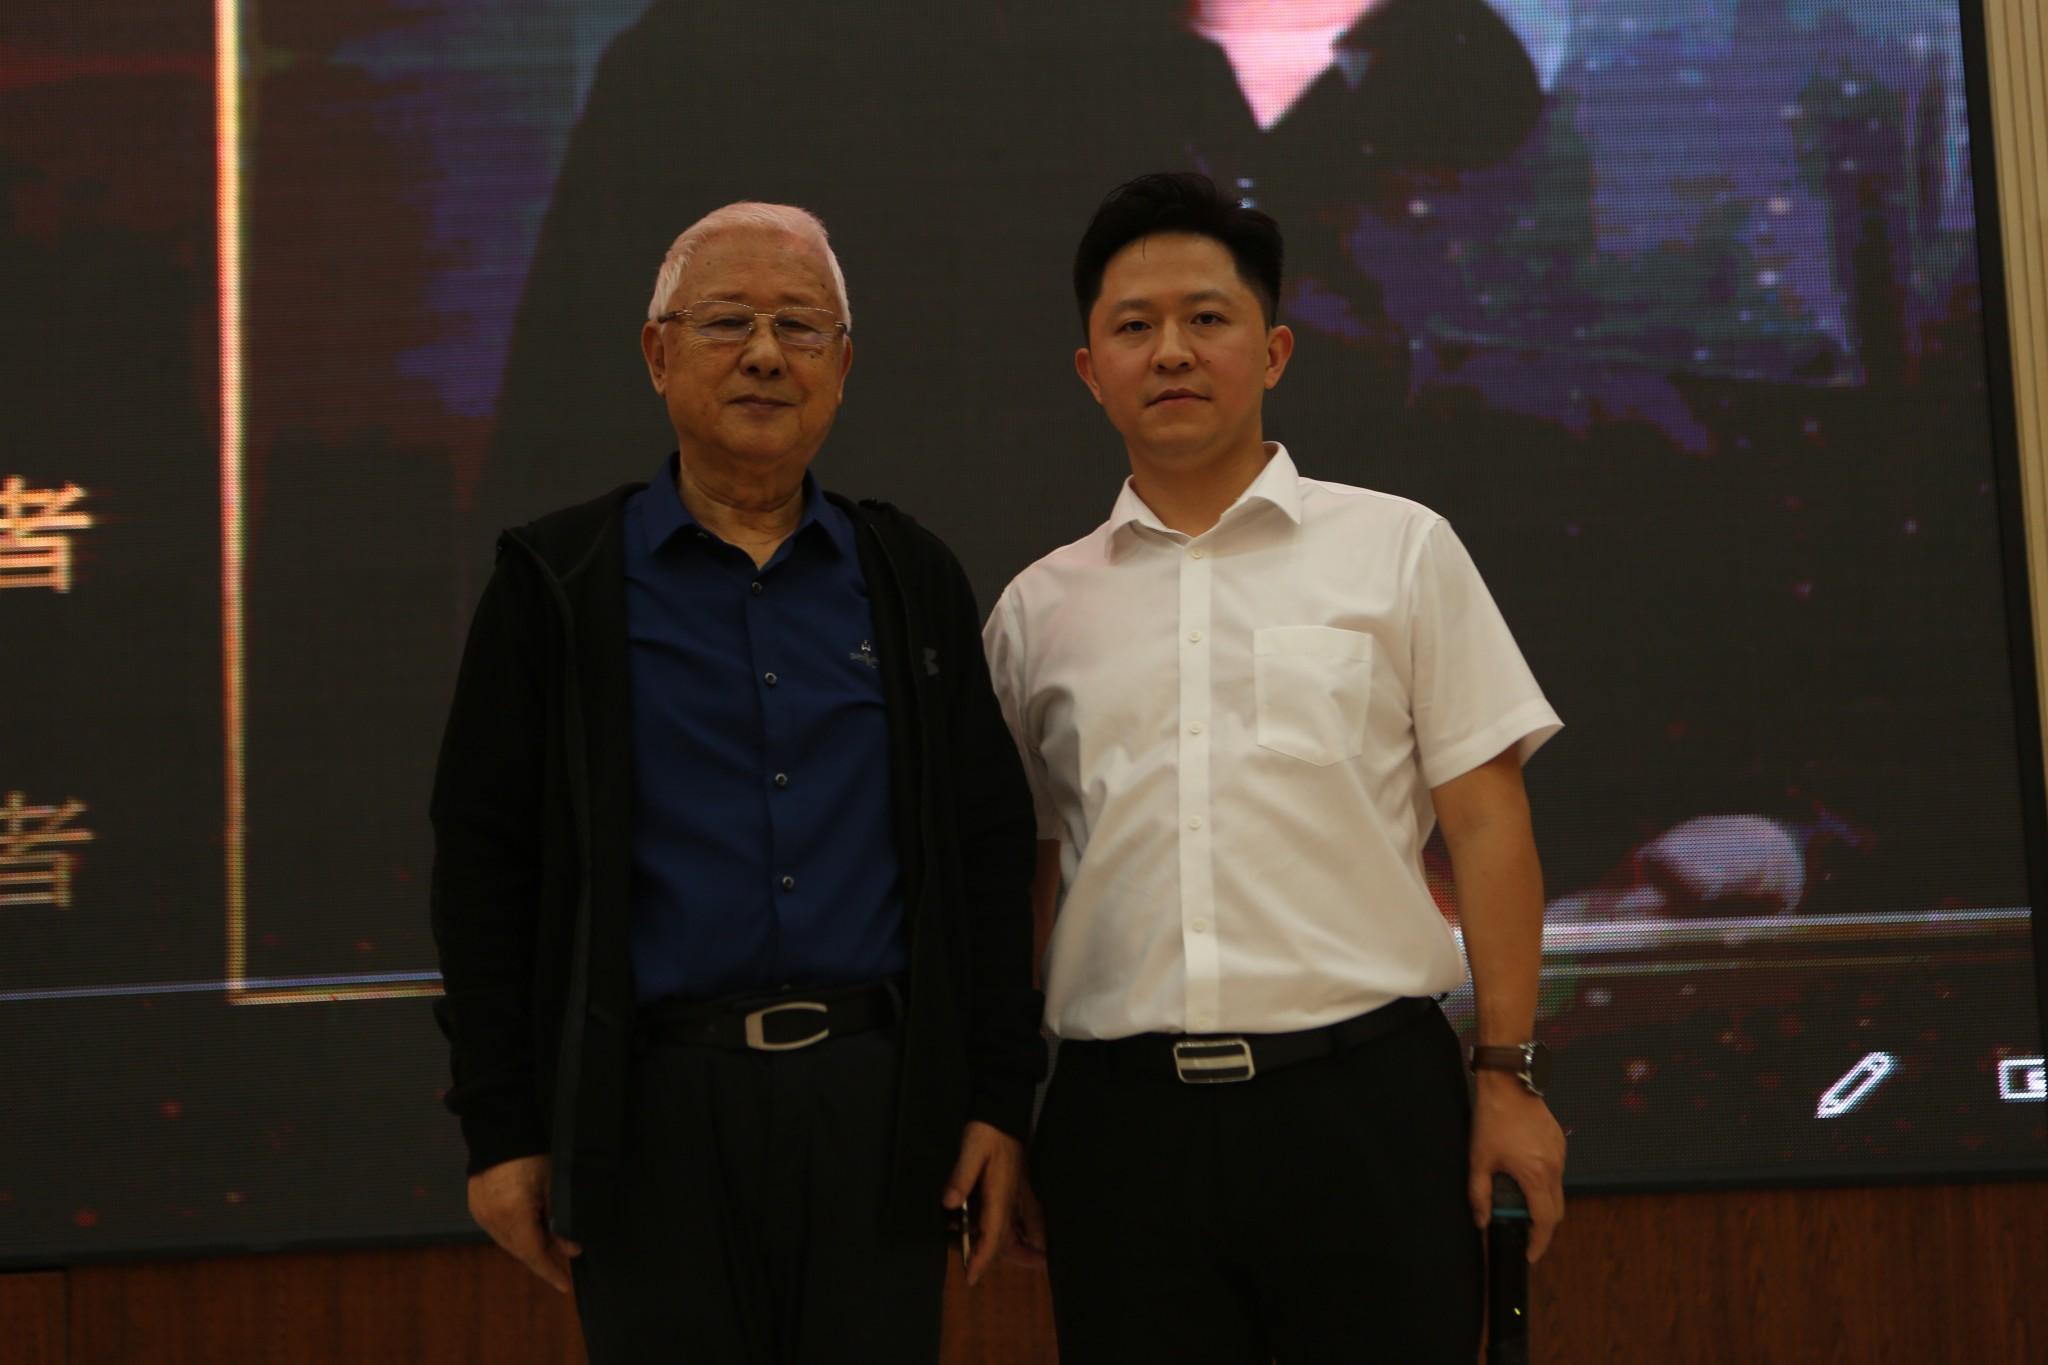 魏国锋校长与著名舞蹈艺术家、原北京舞蹈学院院长吕艺生教授